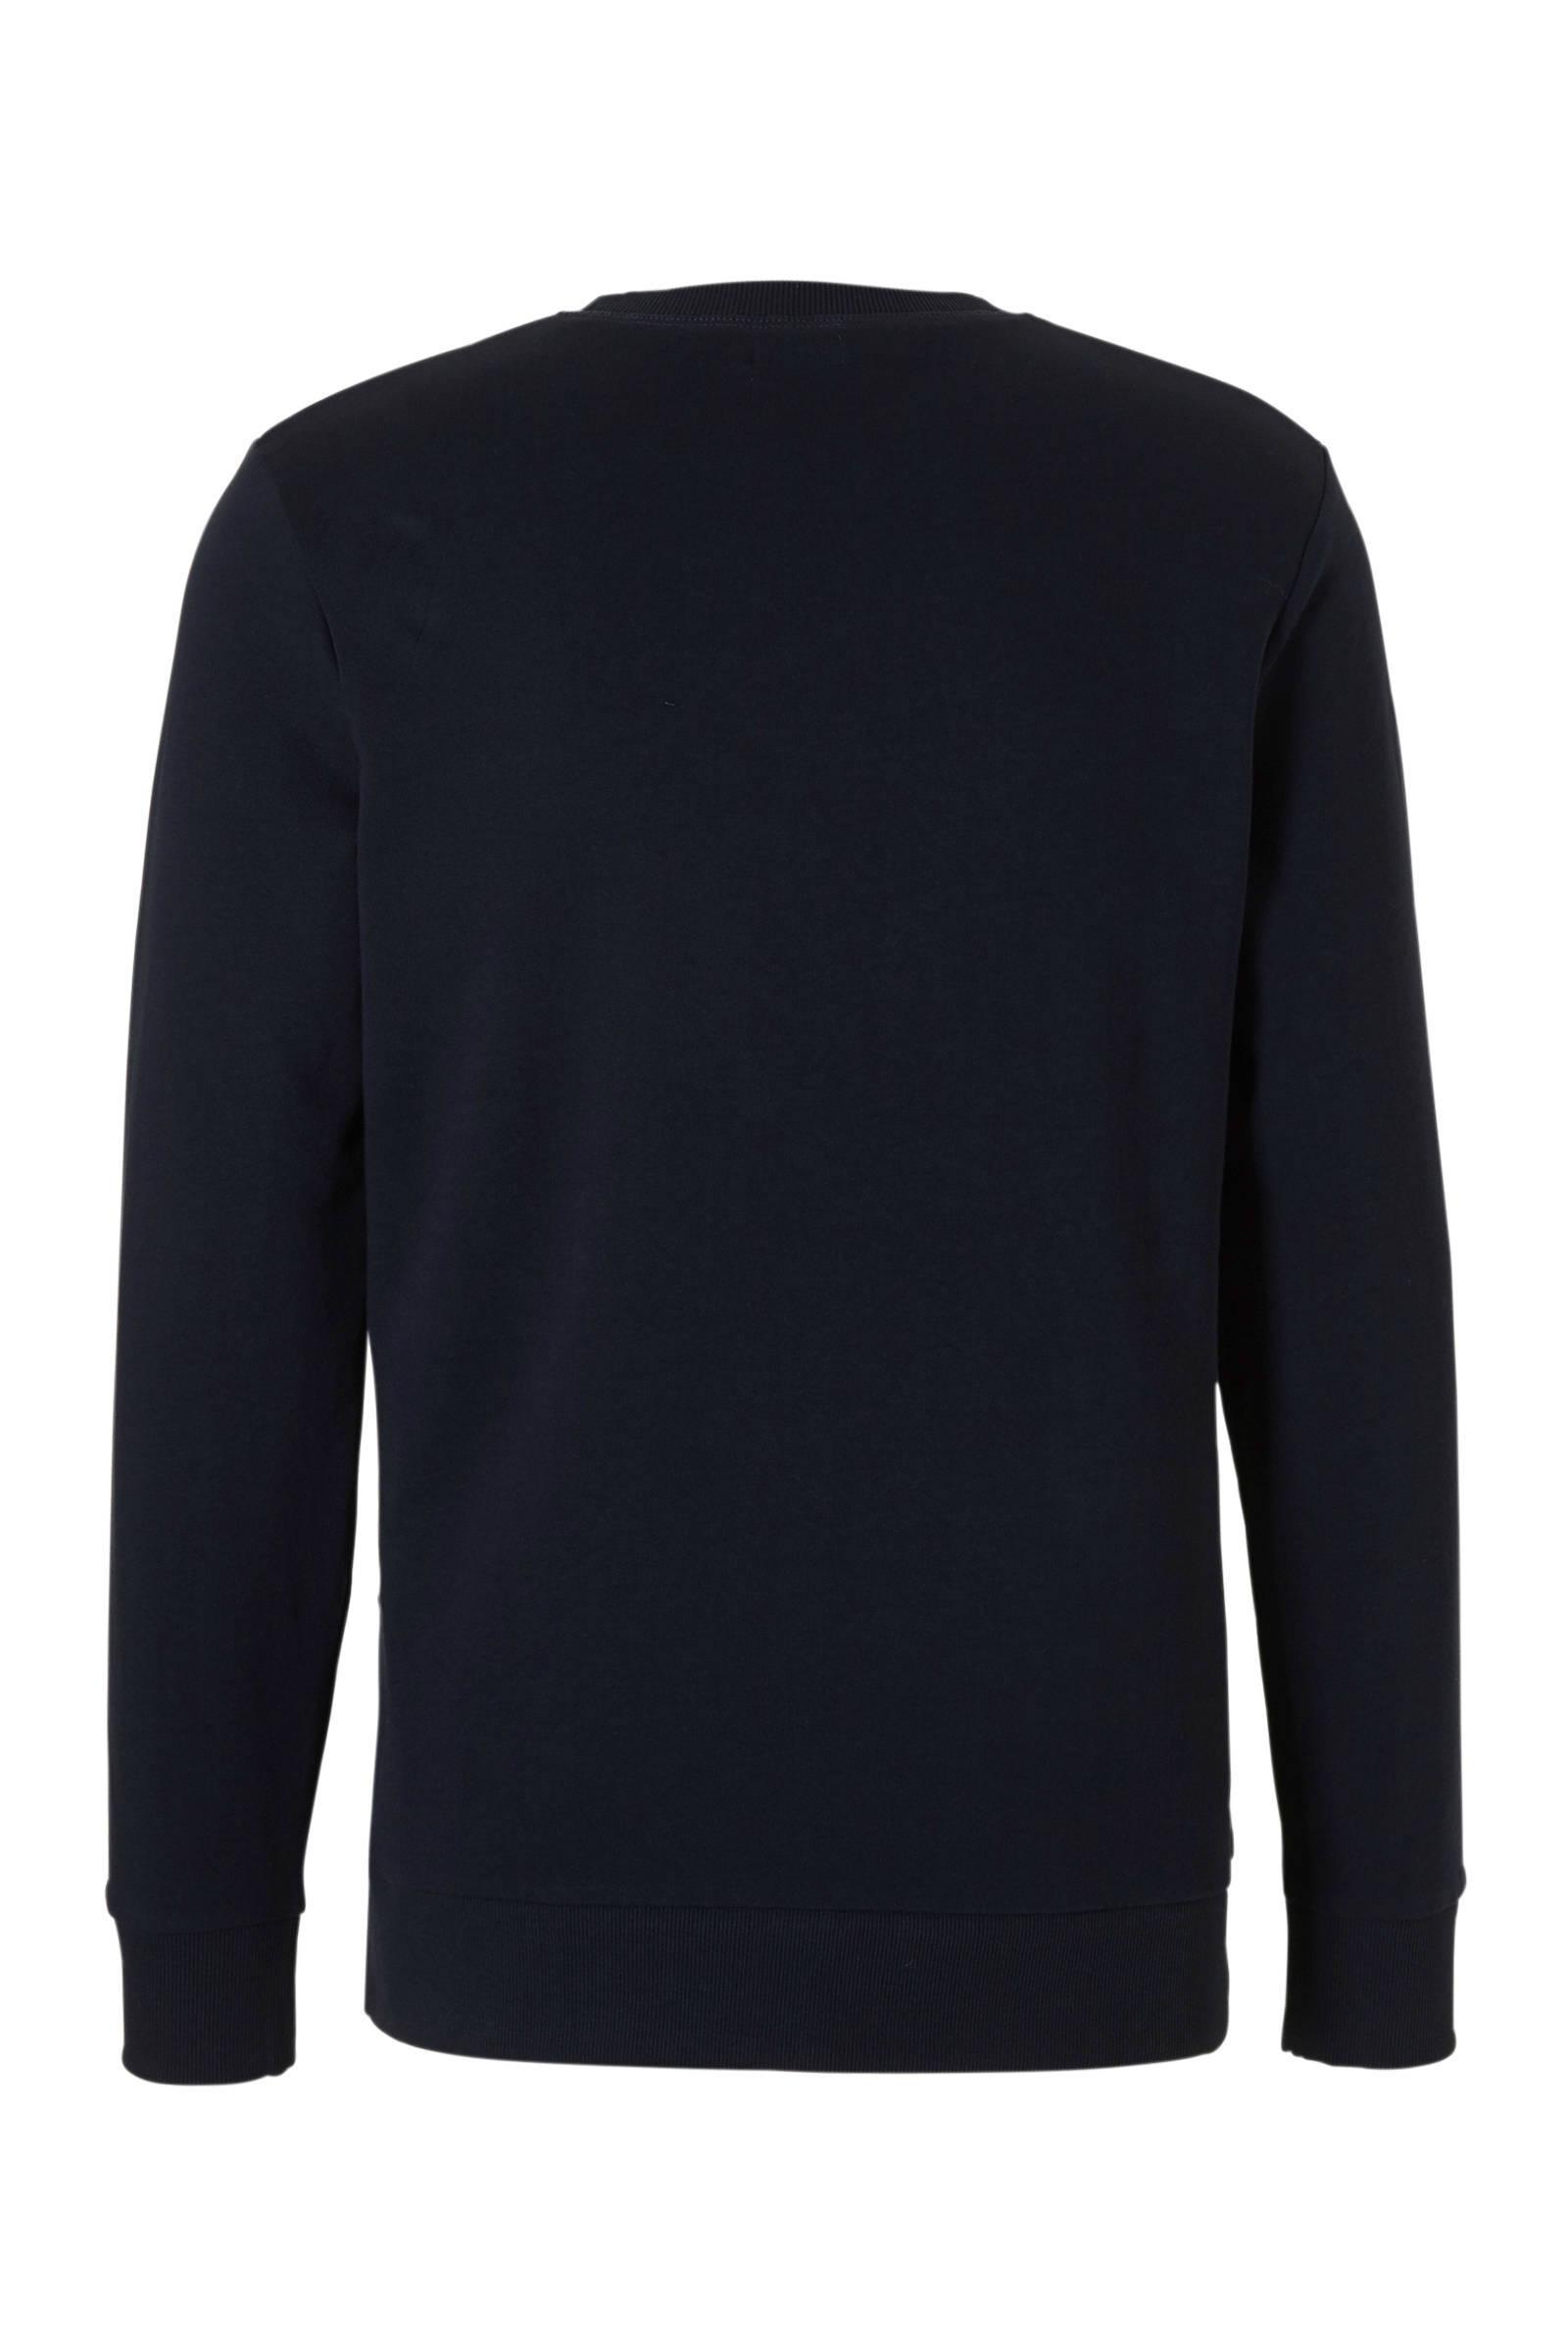 sweater Jones Holmen Jack Jack Jones Essentials T87wO0Oq